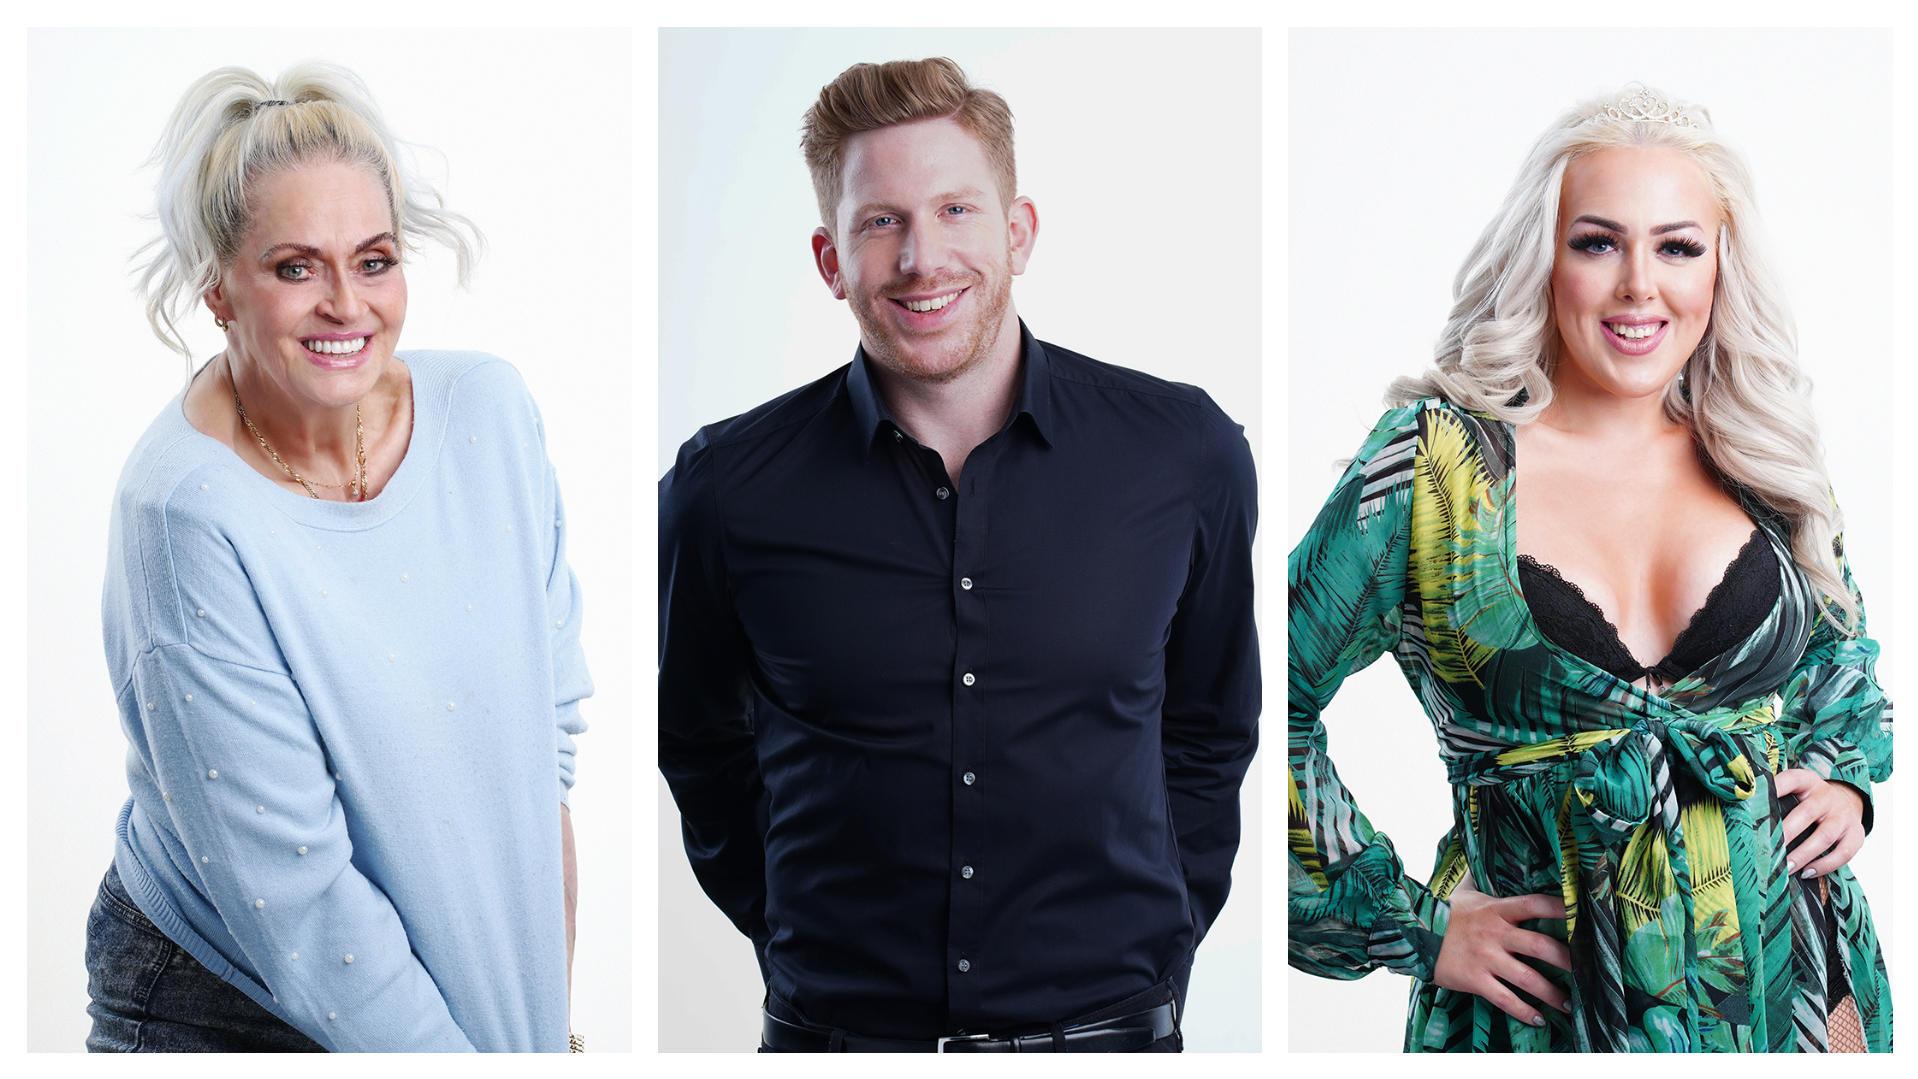 Dschungelcamp 2021: Die nächsten zwei Dschungelshow-Halbfinalisten stehen fest - RTL Online